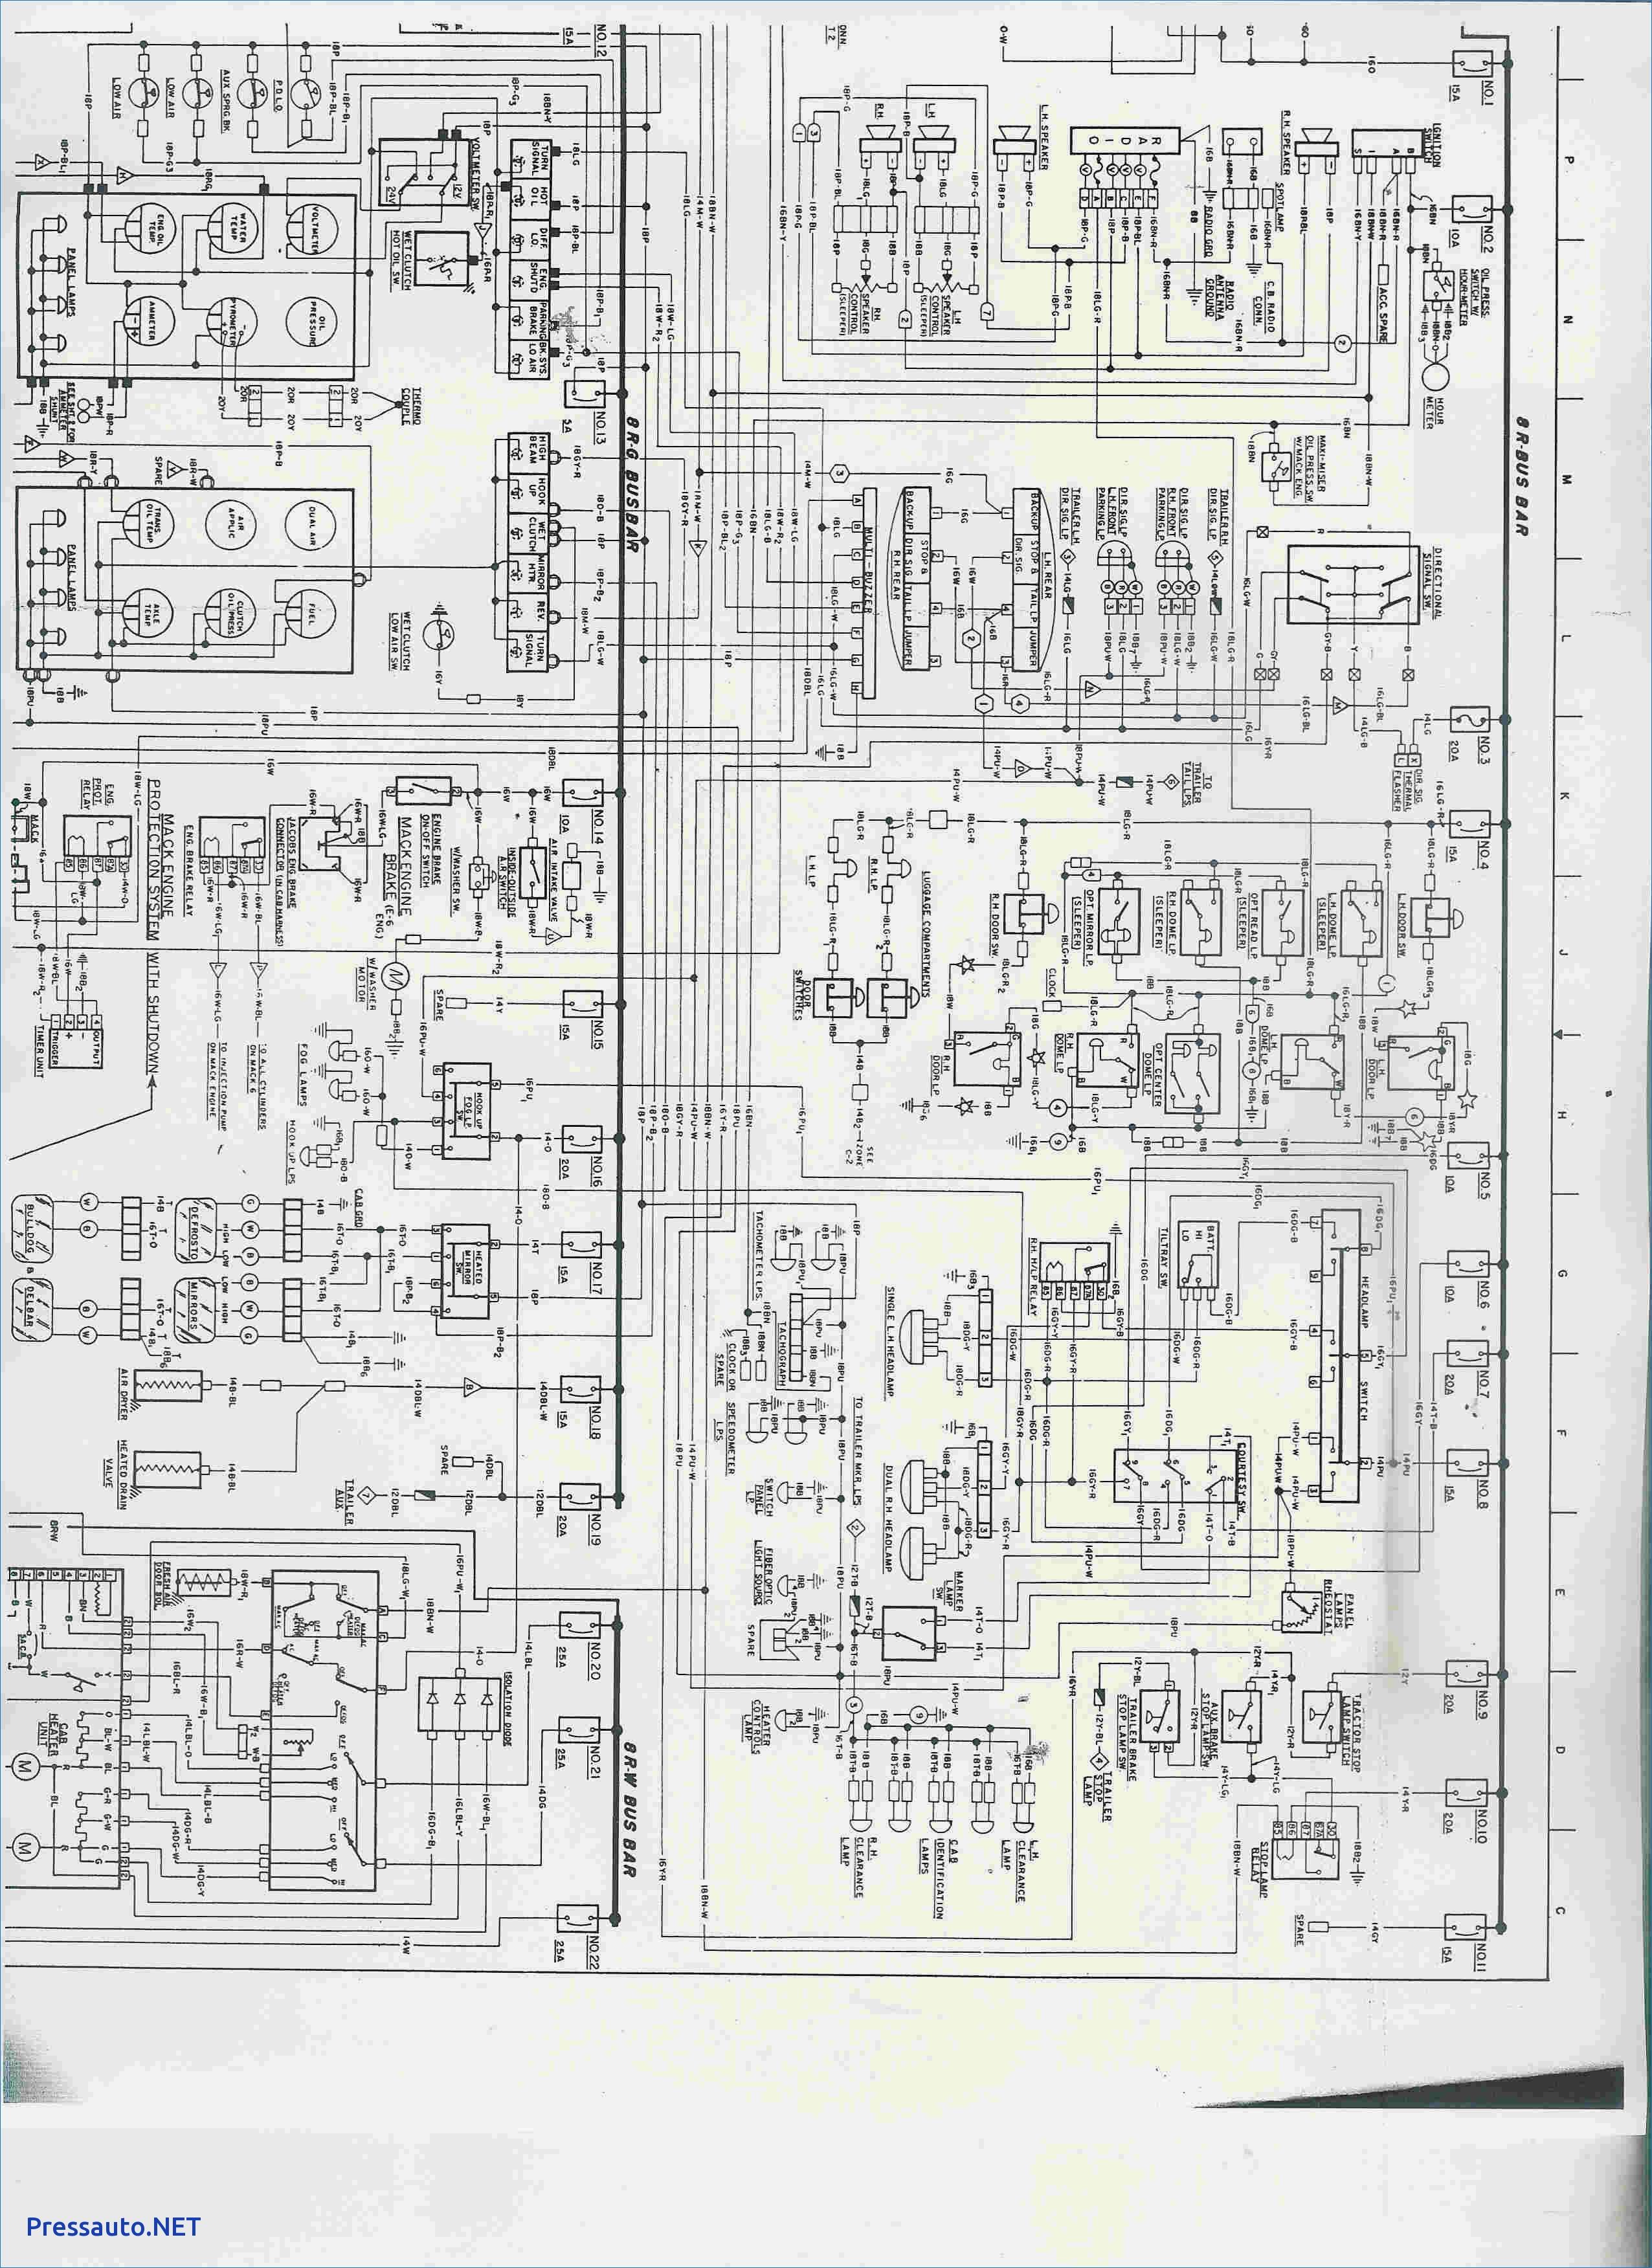 Freightliner Bus Fuse Box Diagram Data Schema